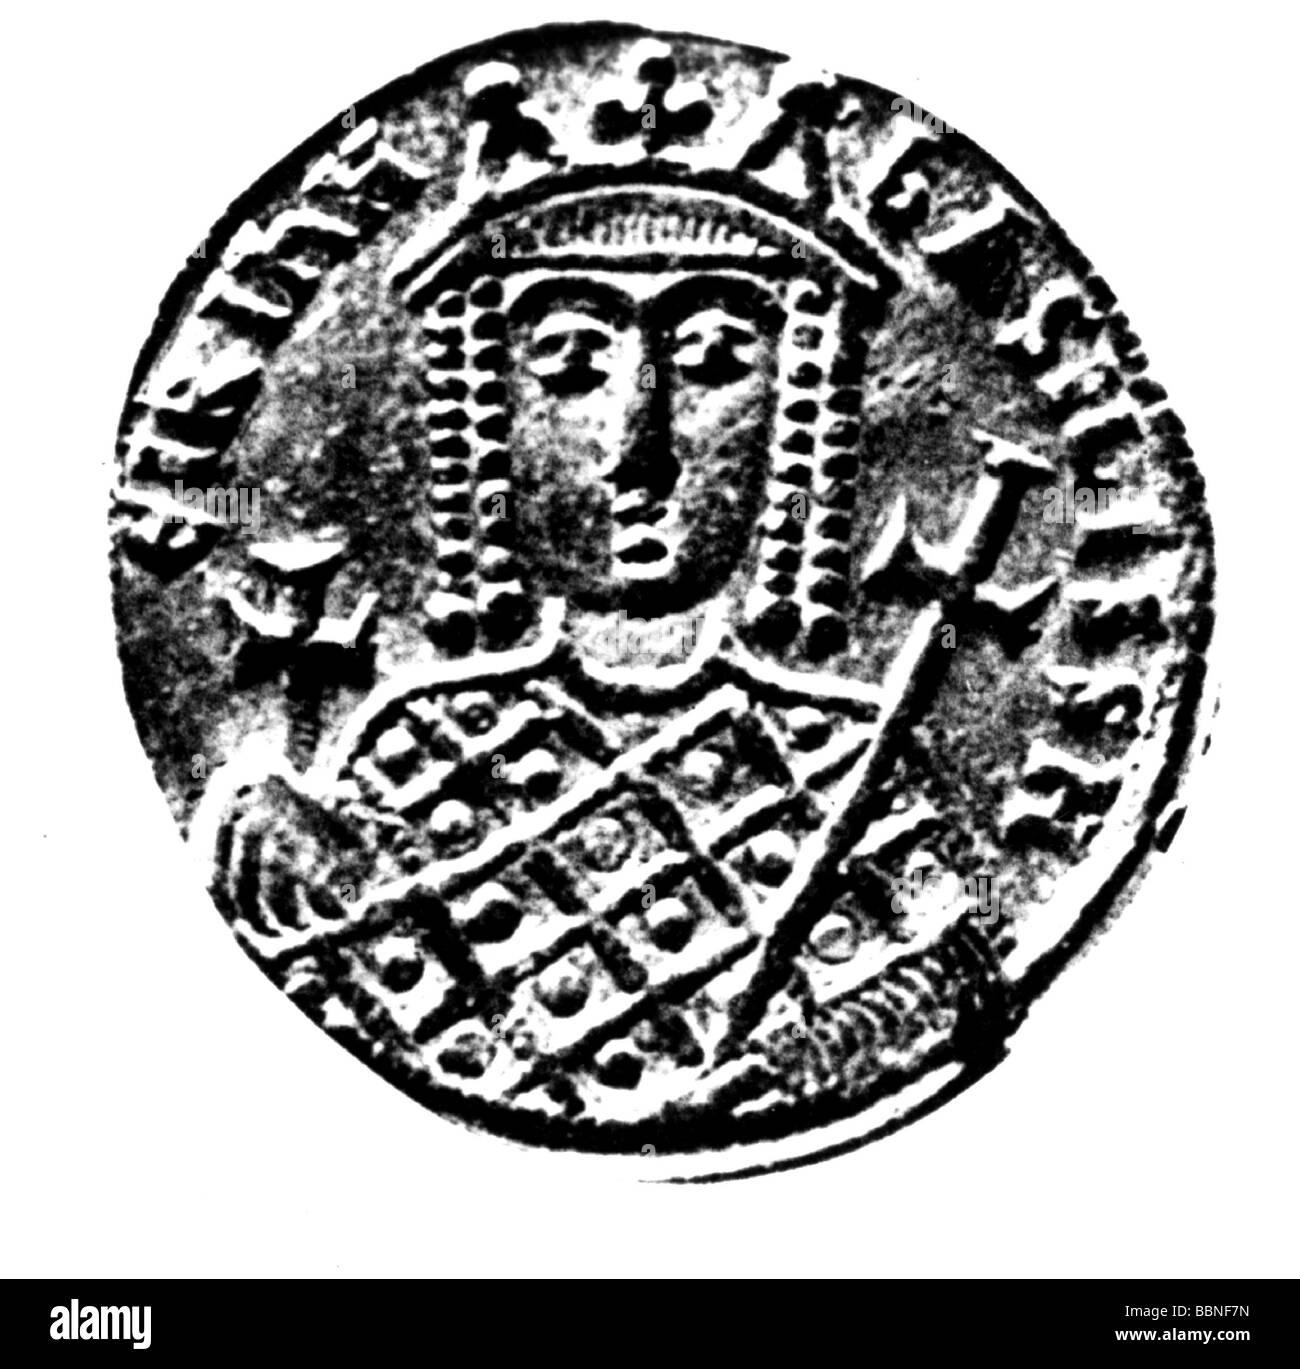 Irene d'Athènes, 752 - 9.8.803, l'Impératrice de l'Empire romain, l'épouse de Léon Photo Stock